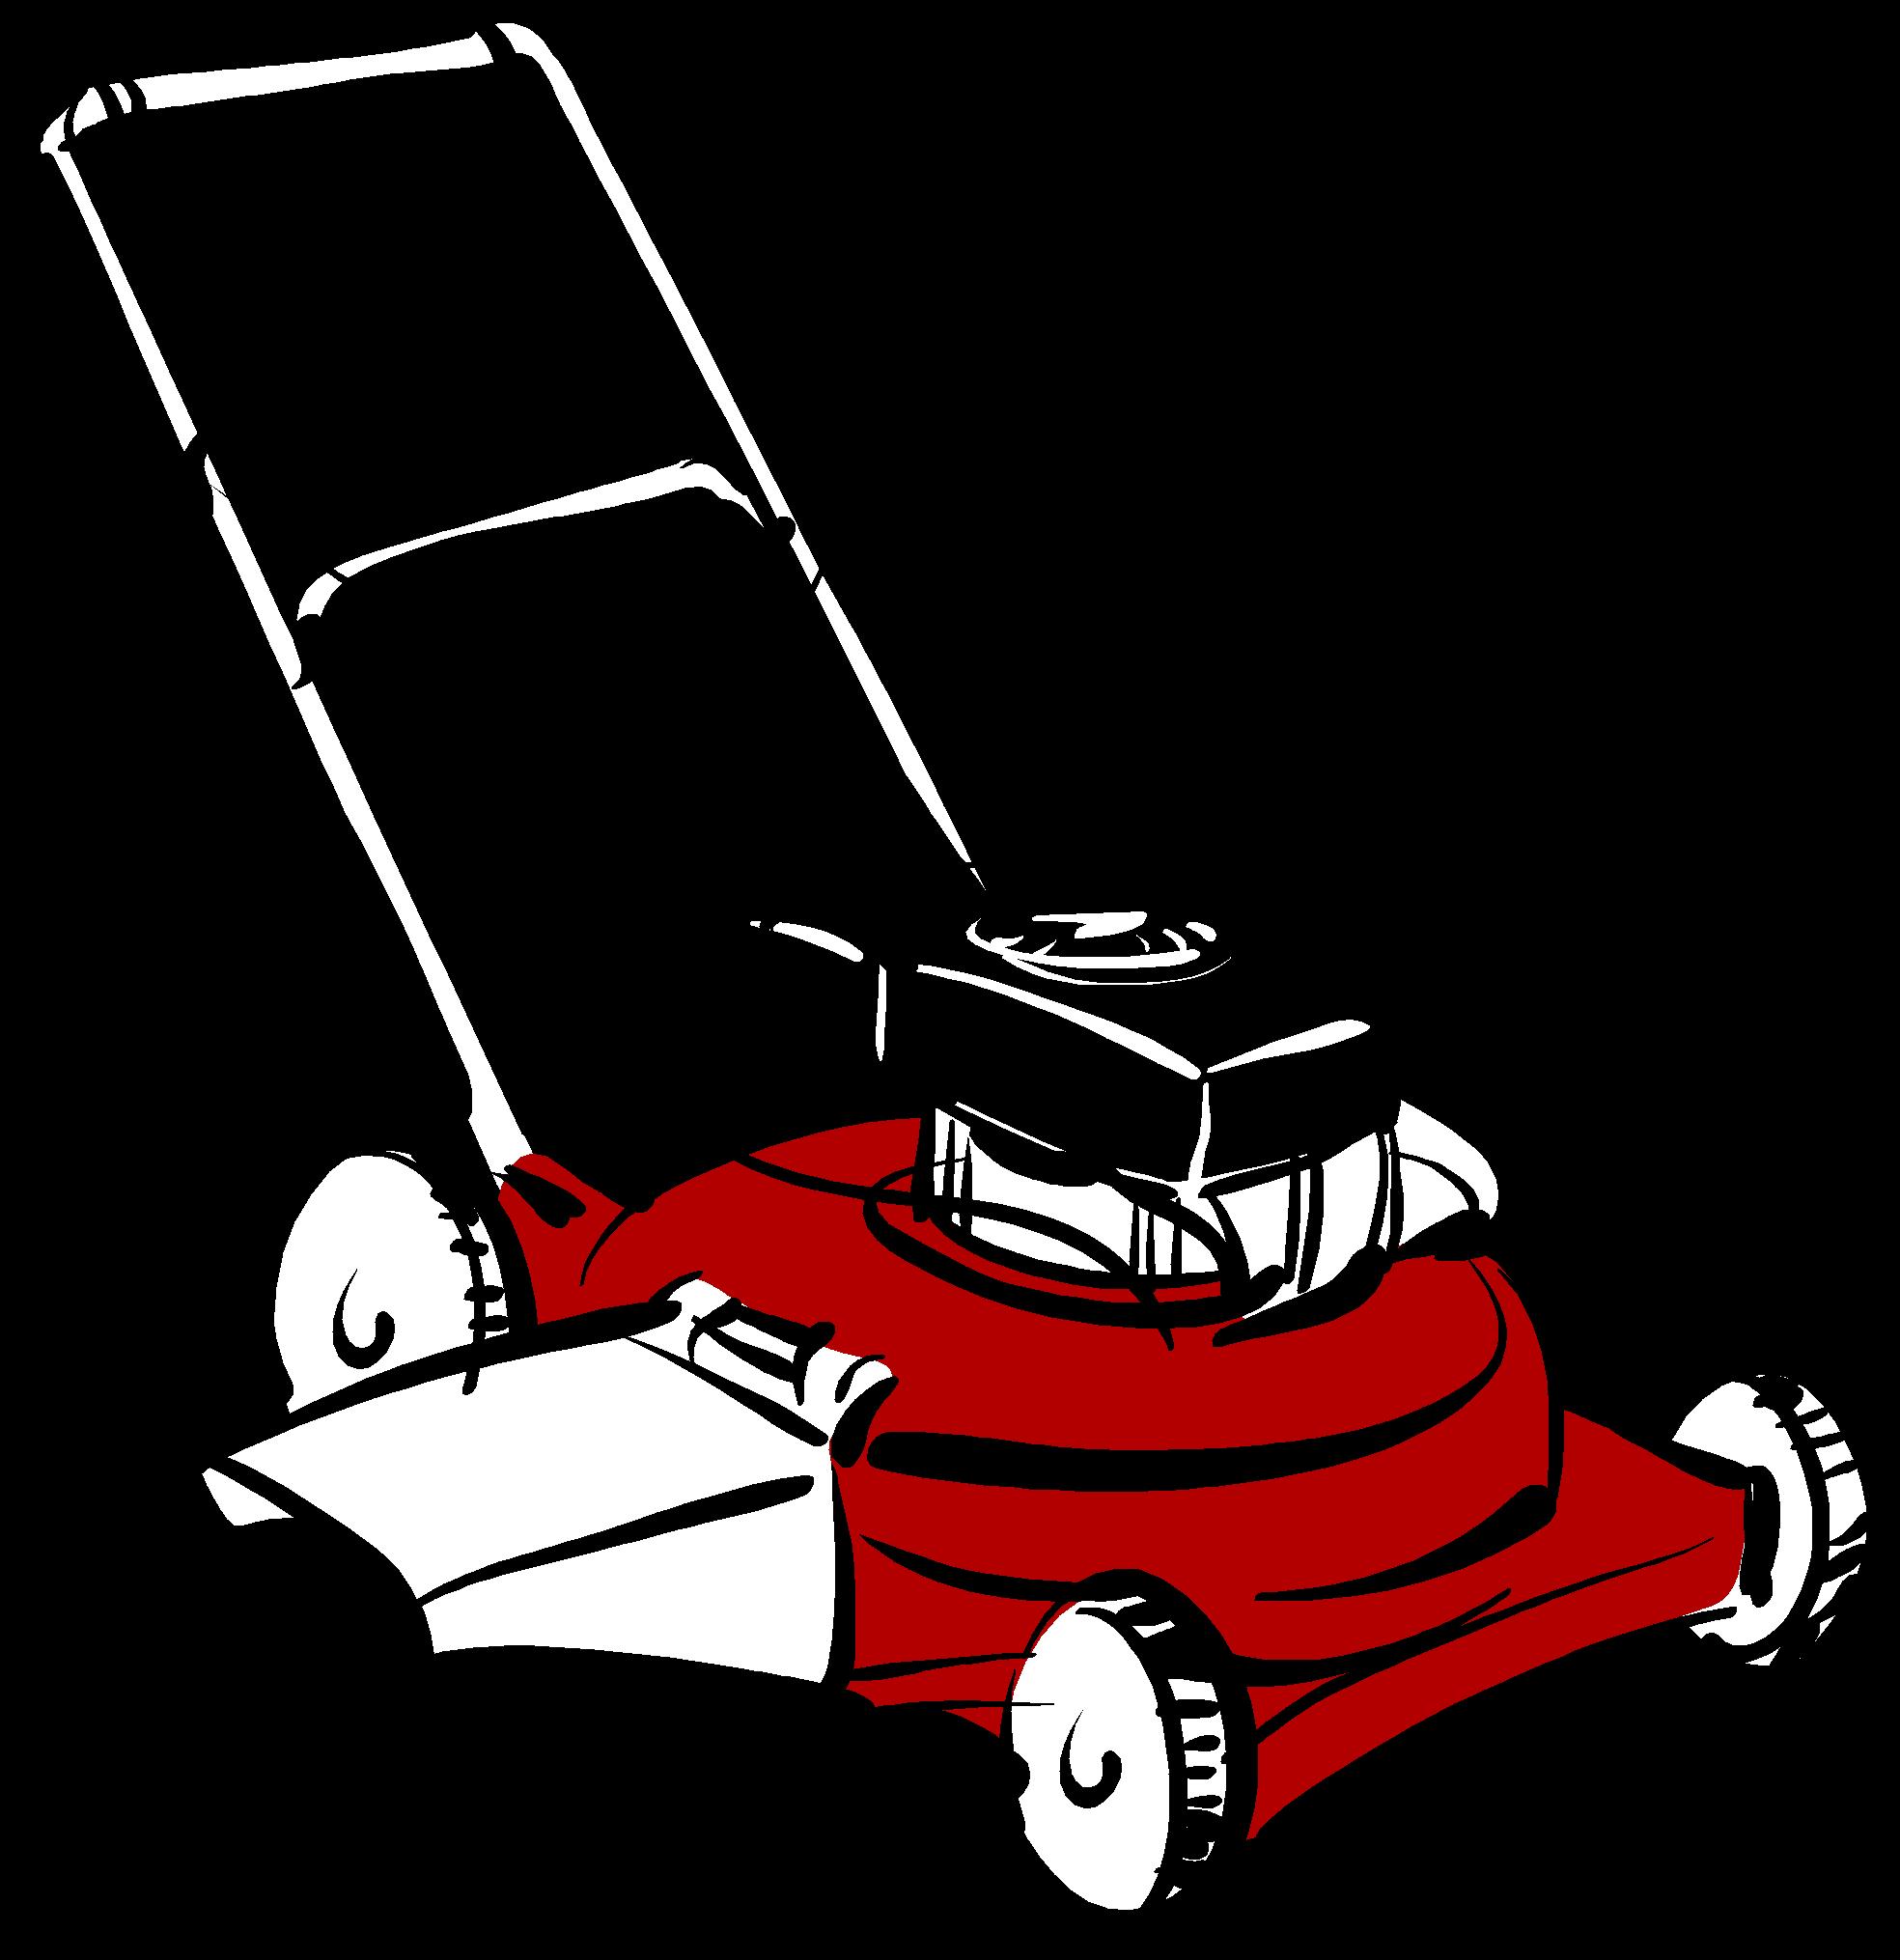 Lawn Mower Clipart #15186-Lawn Mower Clipart #15186-10